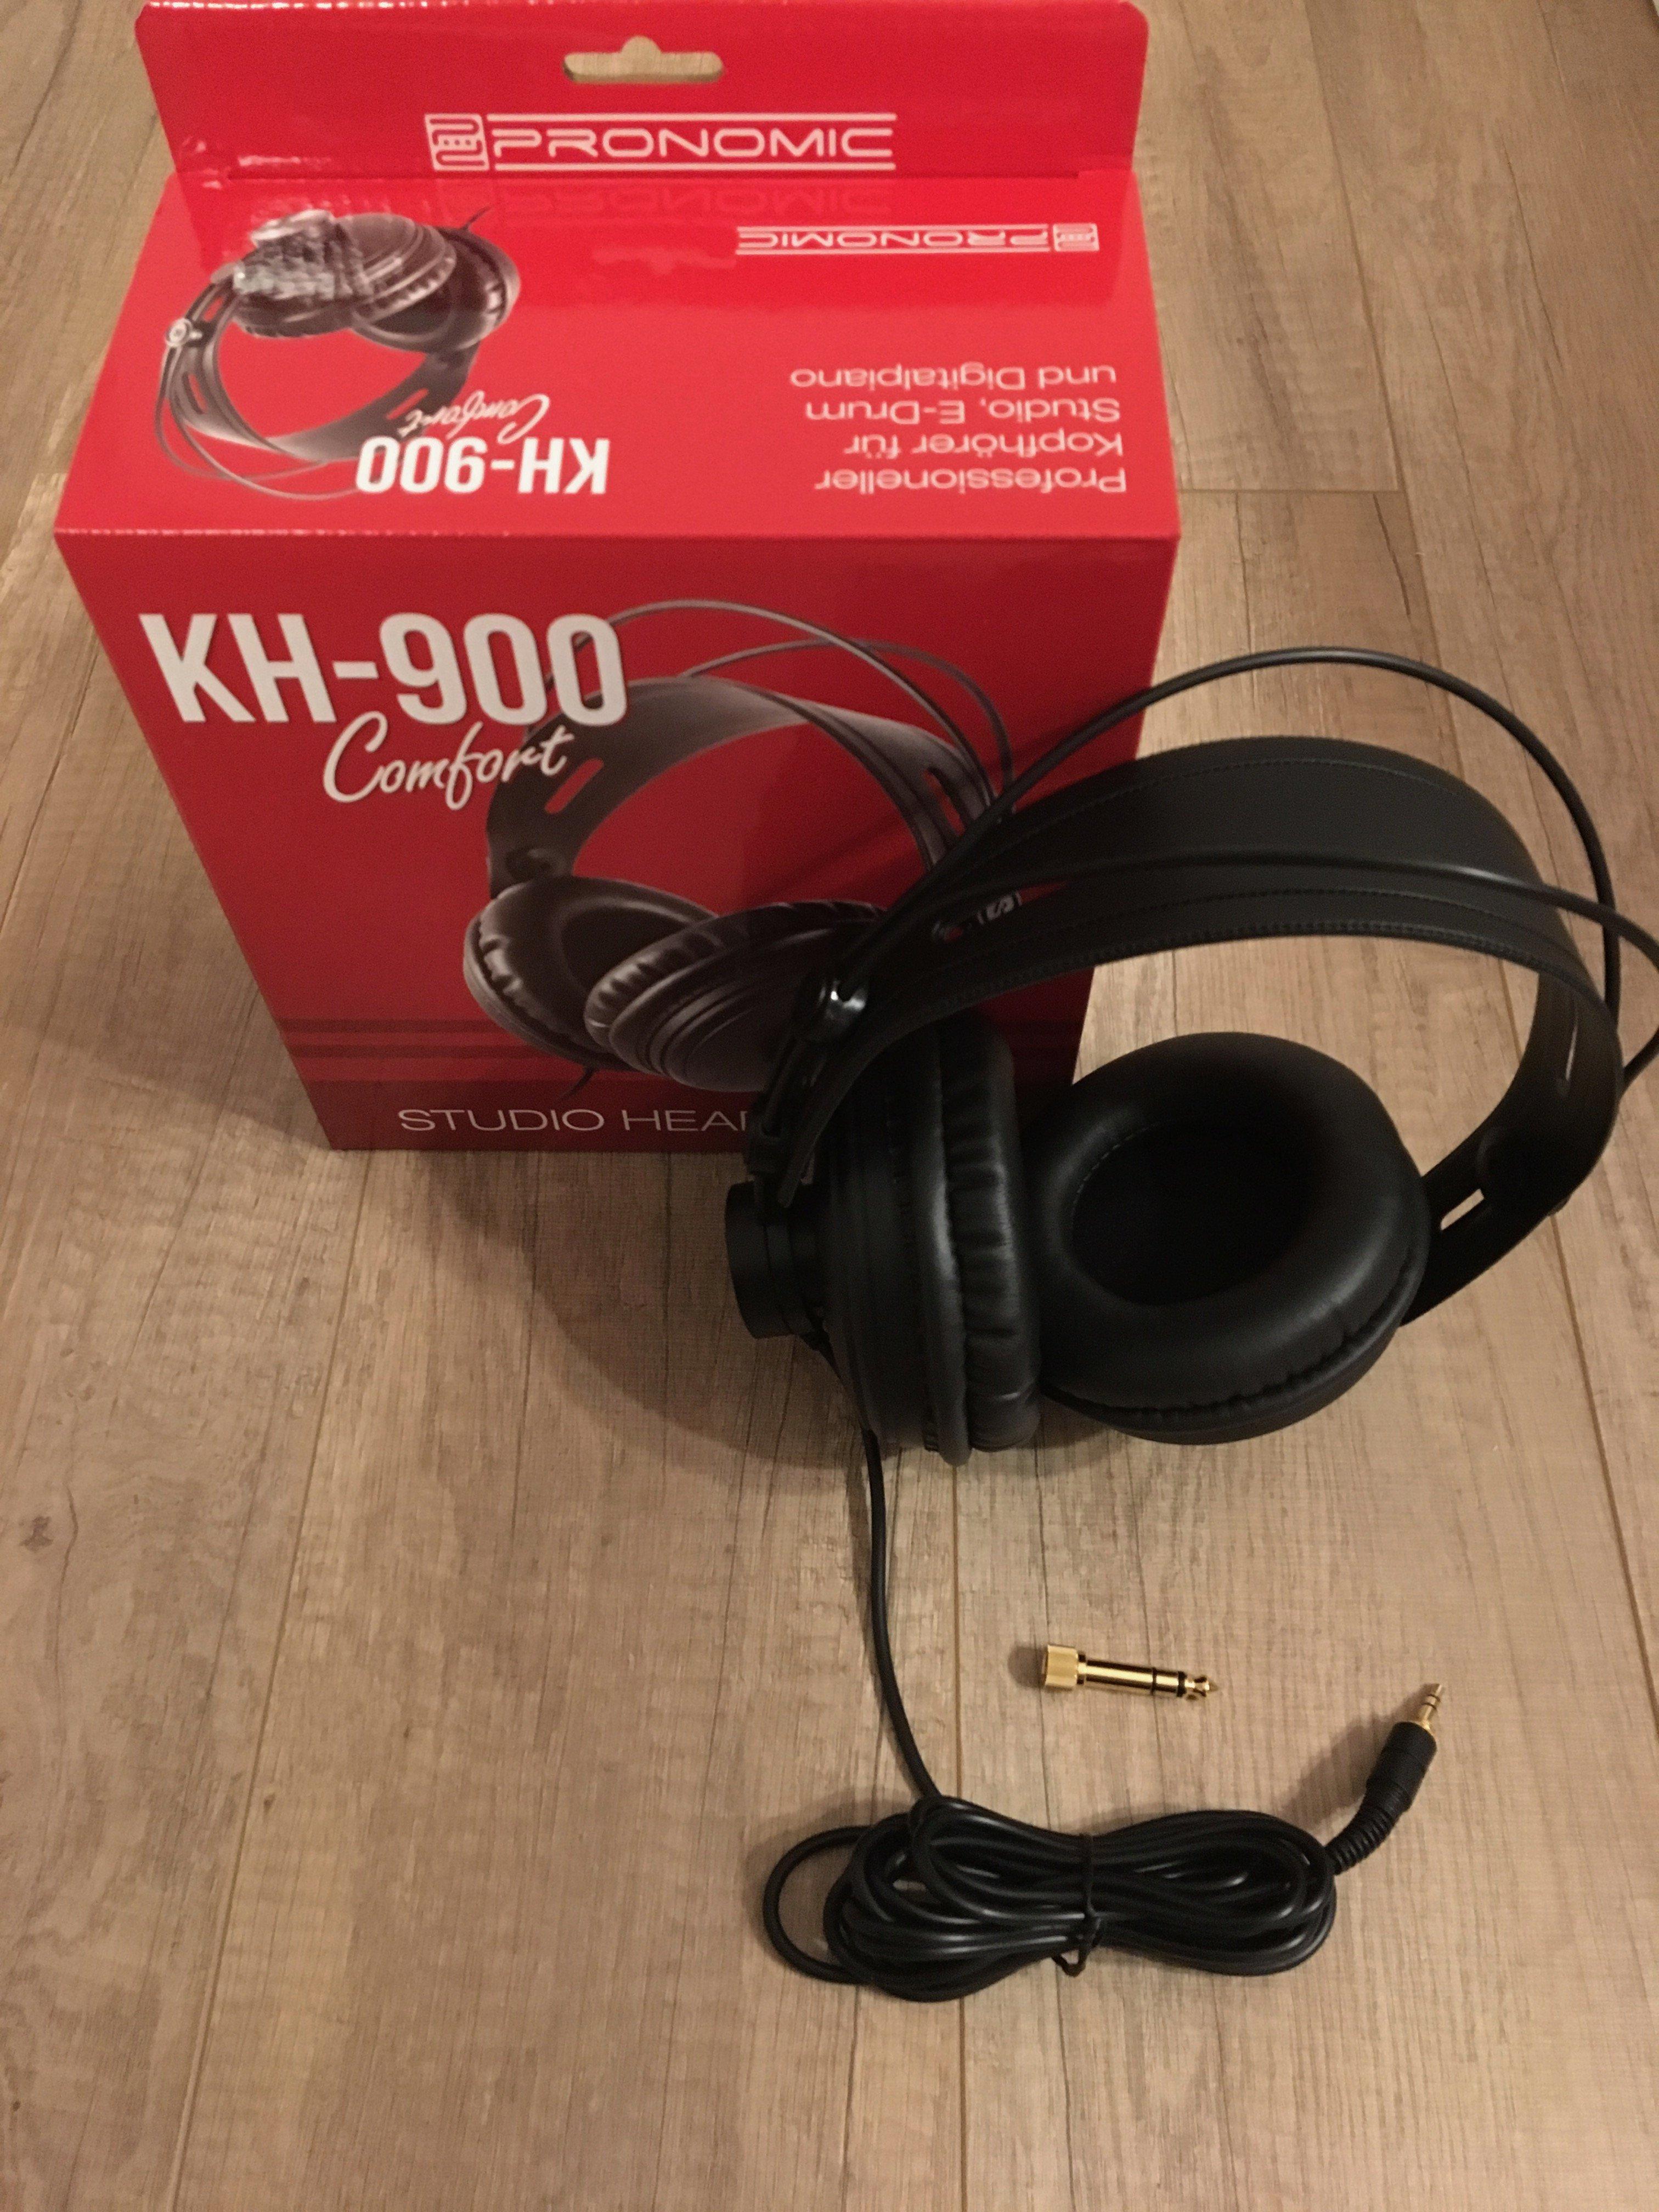 Pronomic KH-900